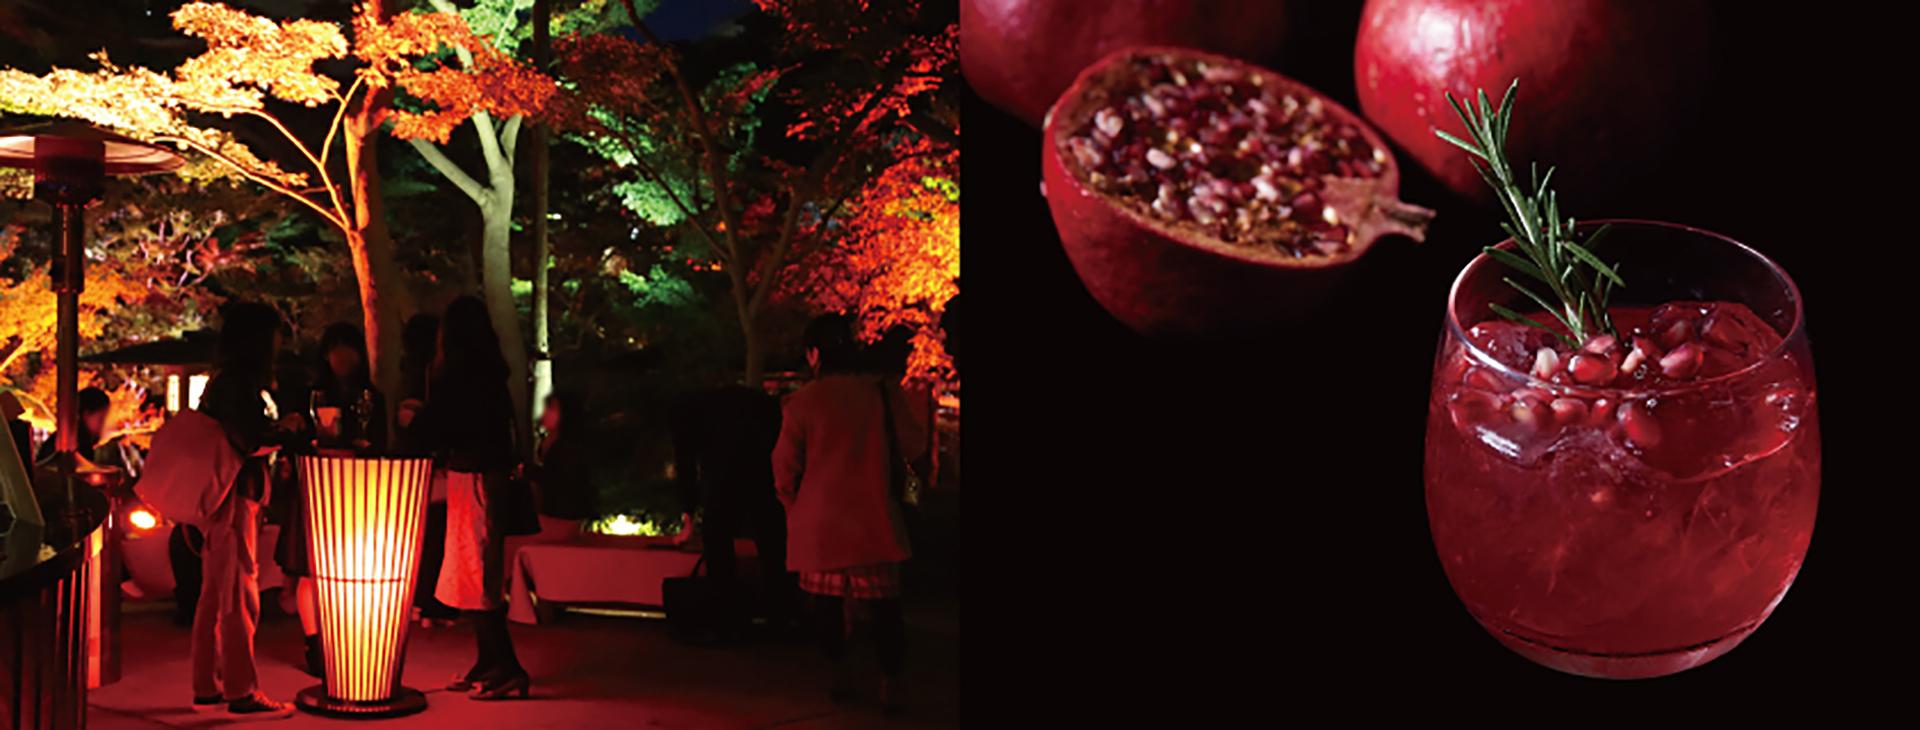 GARDEN BAR-紅葉酒庭-